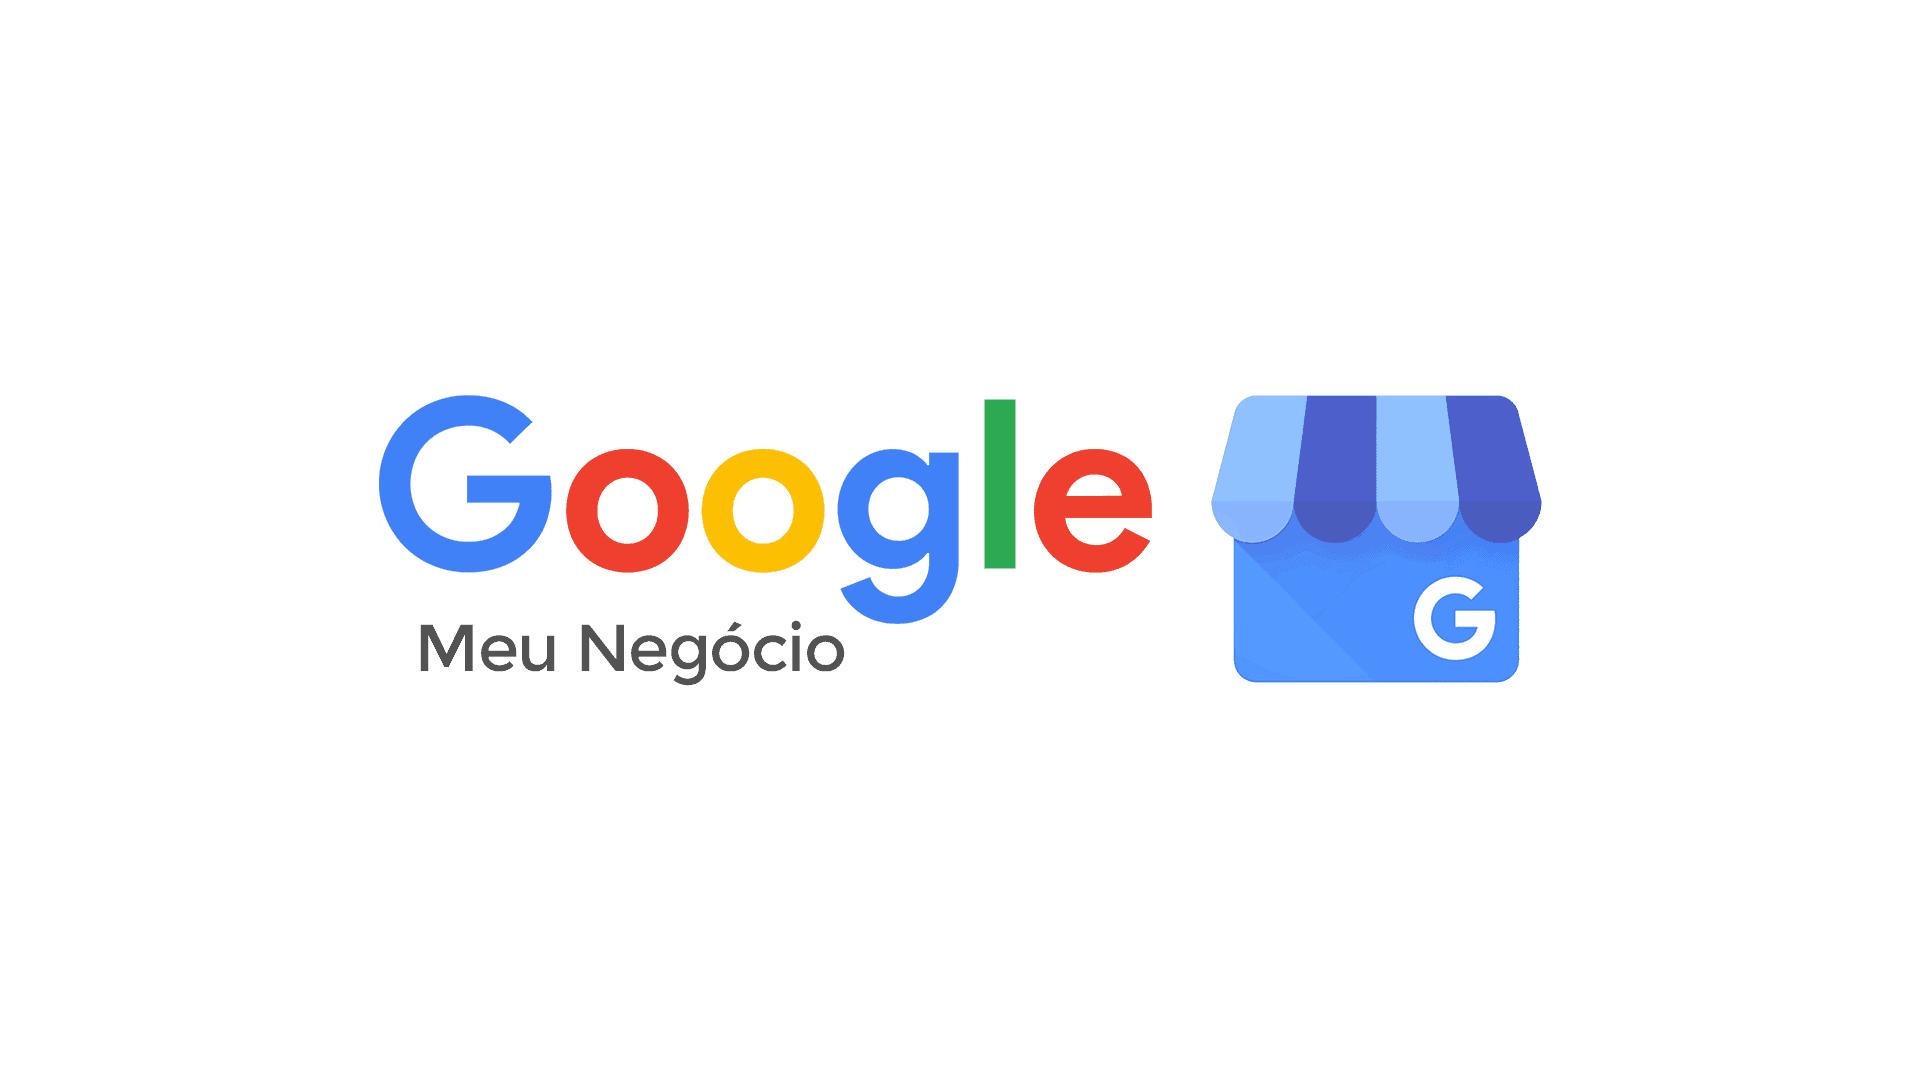 Google-Meu-Negócio